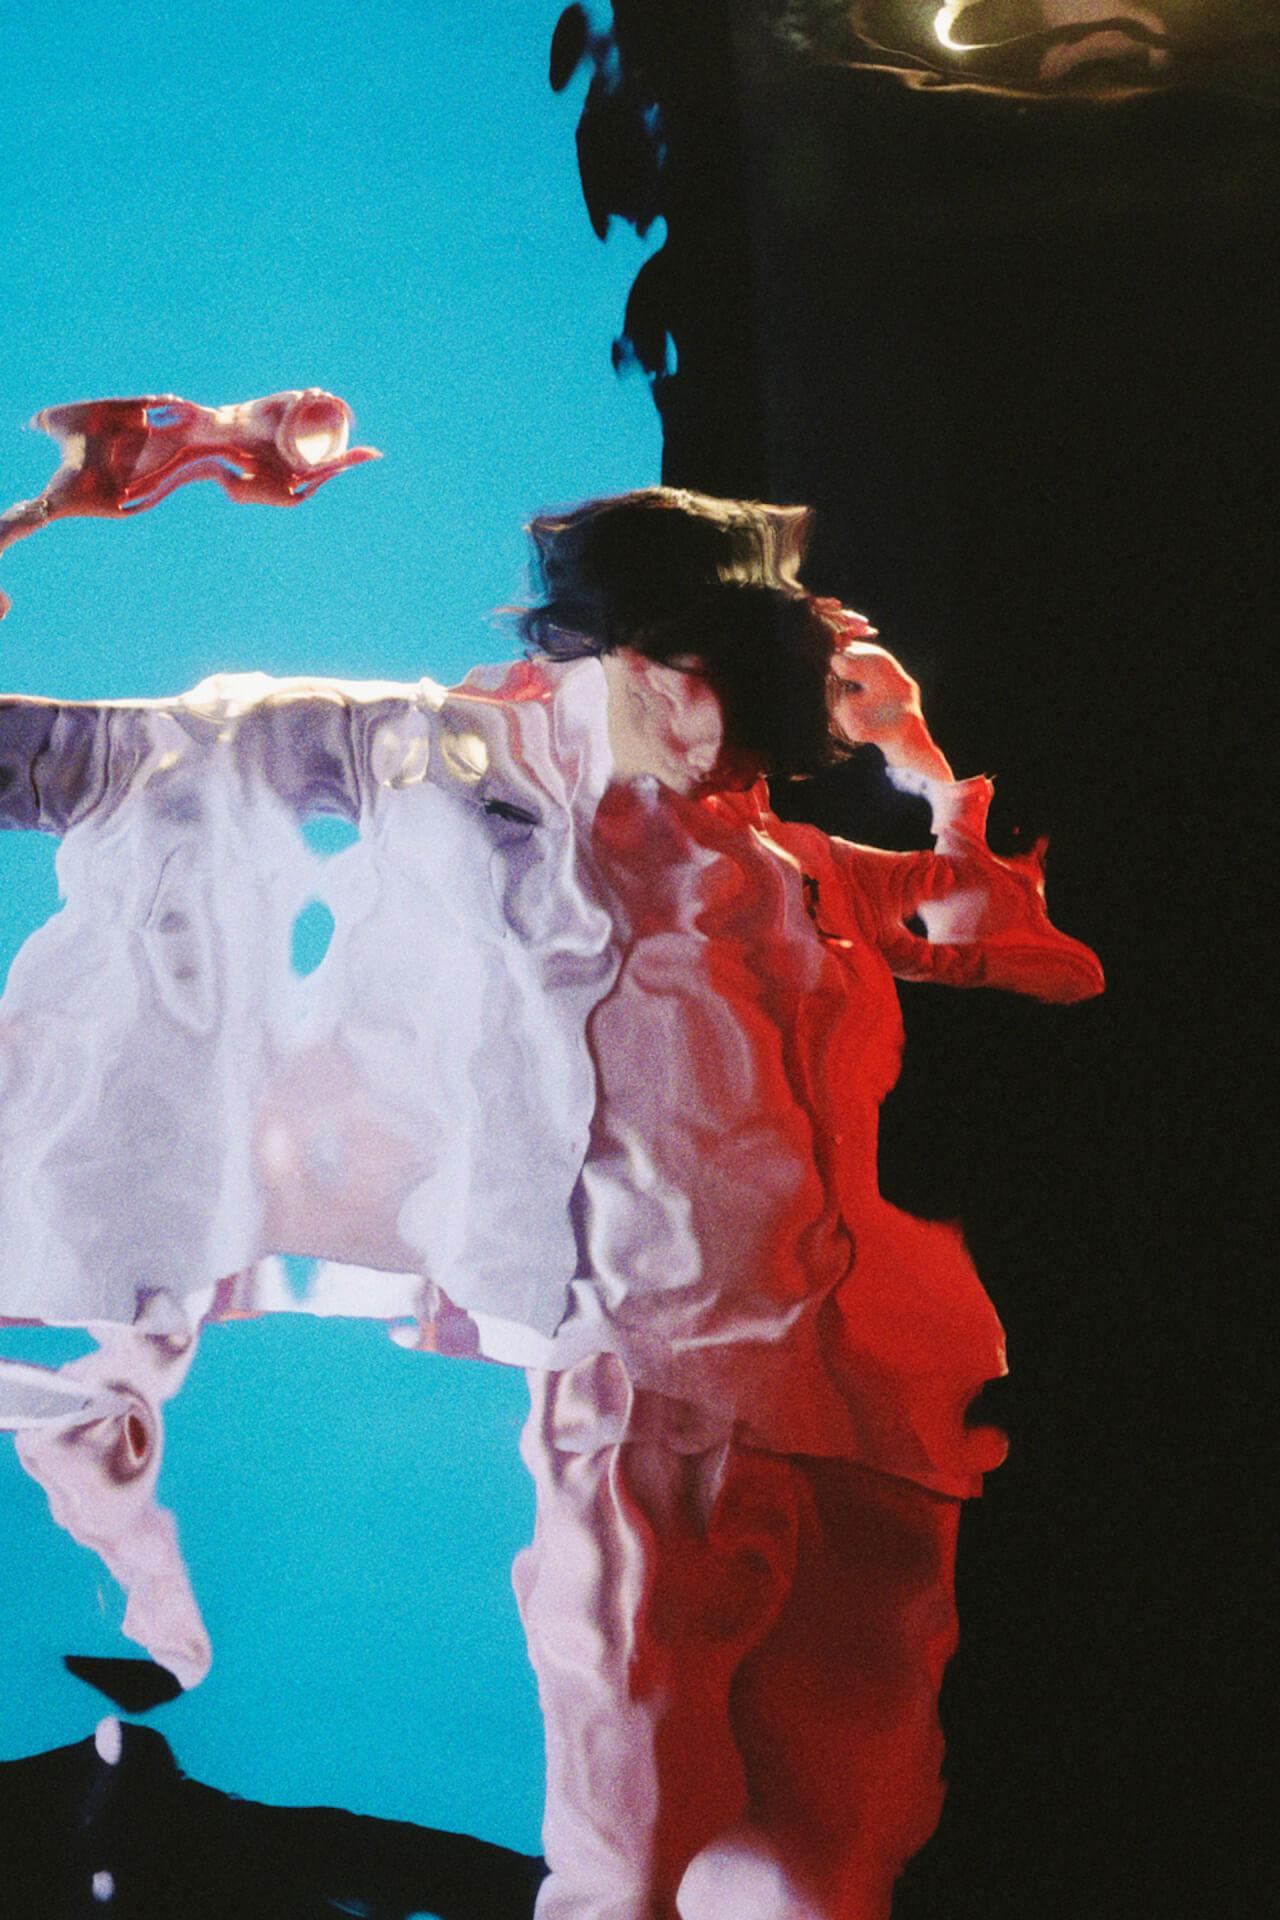 """米津玄師""""Pale Blue""""が2021年度DL数1位を記録!通算1位獲得作品数8作品目で自己記録も更新 music210608_yonezukenshi_paleblue_1"""